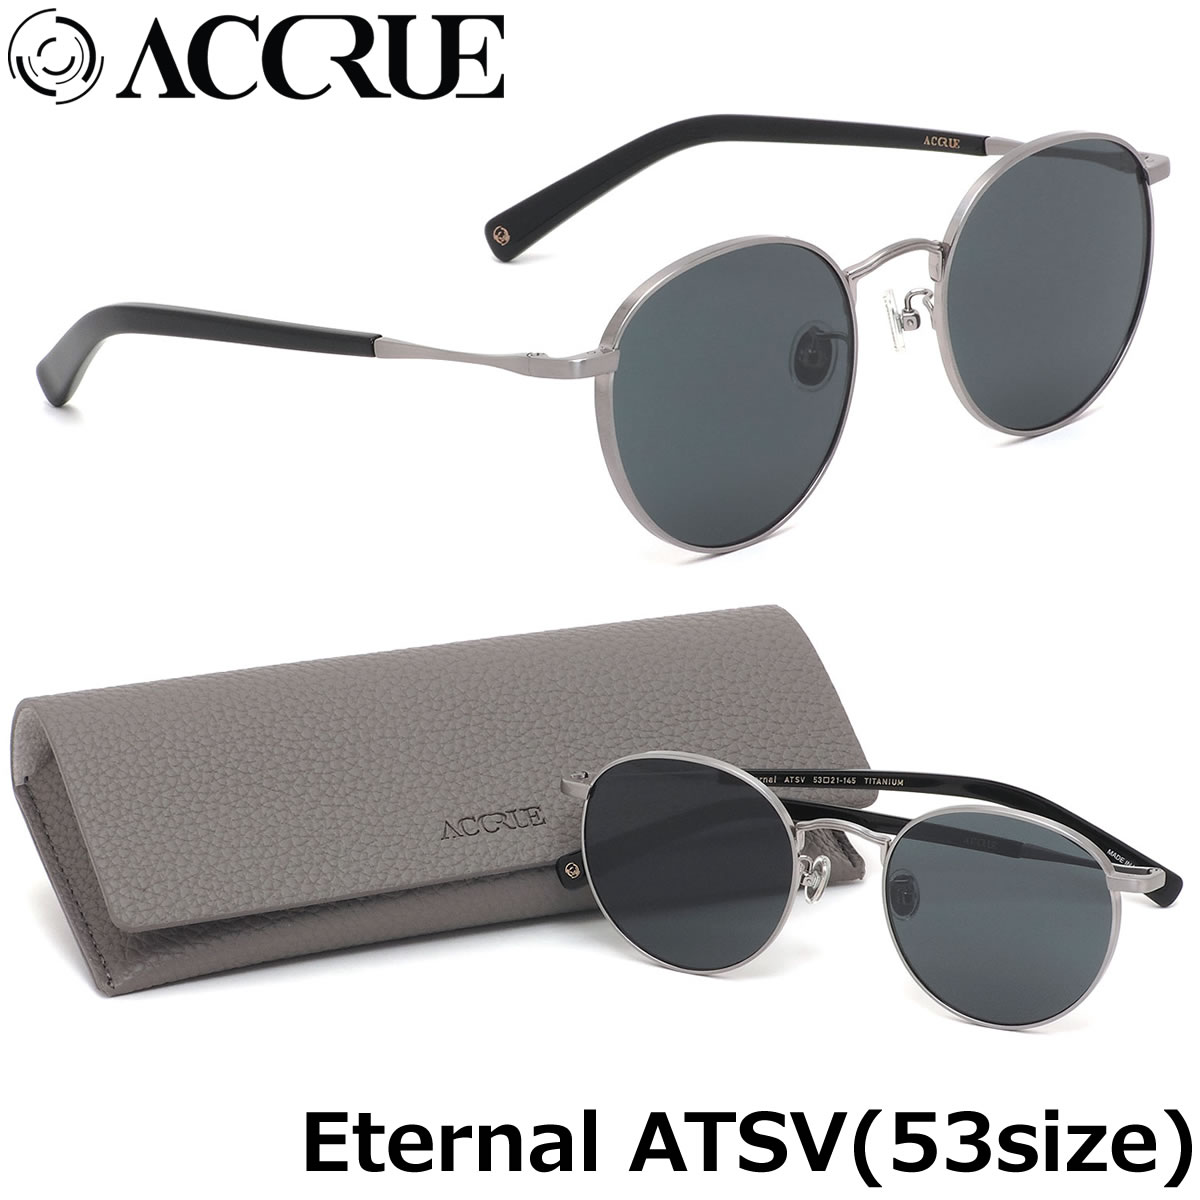 ほぼ全品ポイント15倍~最大34倍! アクル ACCRUE サングラスEternal ATSV 53サイズACCRUE アクル accrue エターナル eternal サングラス フラットレンズ ボストンシェイプ メンズ レディース